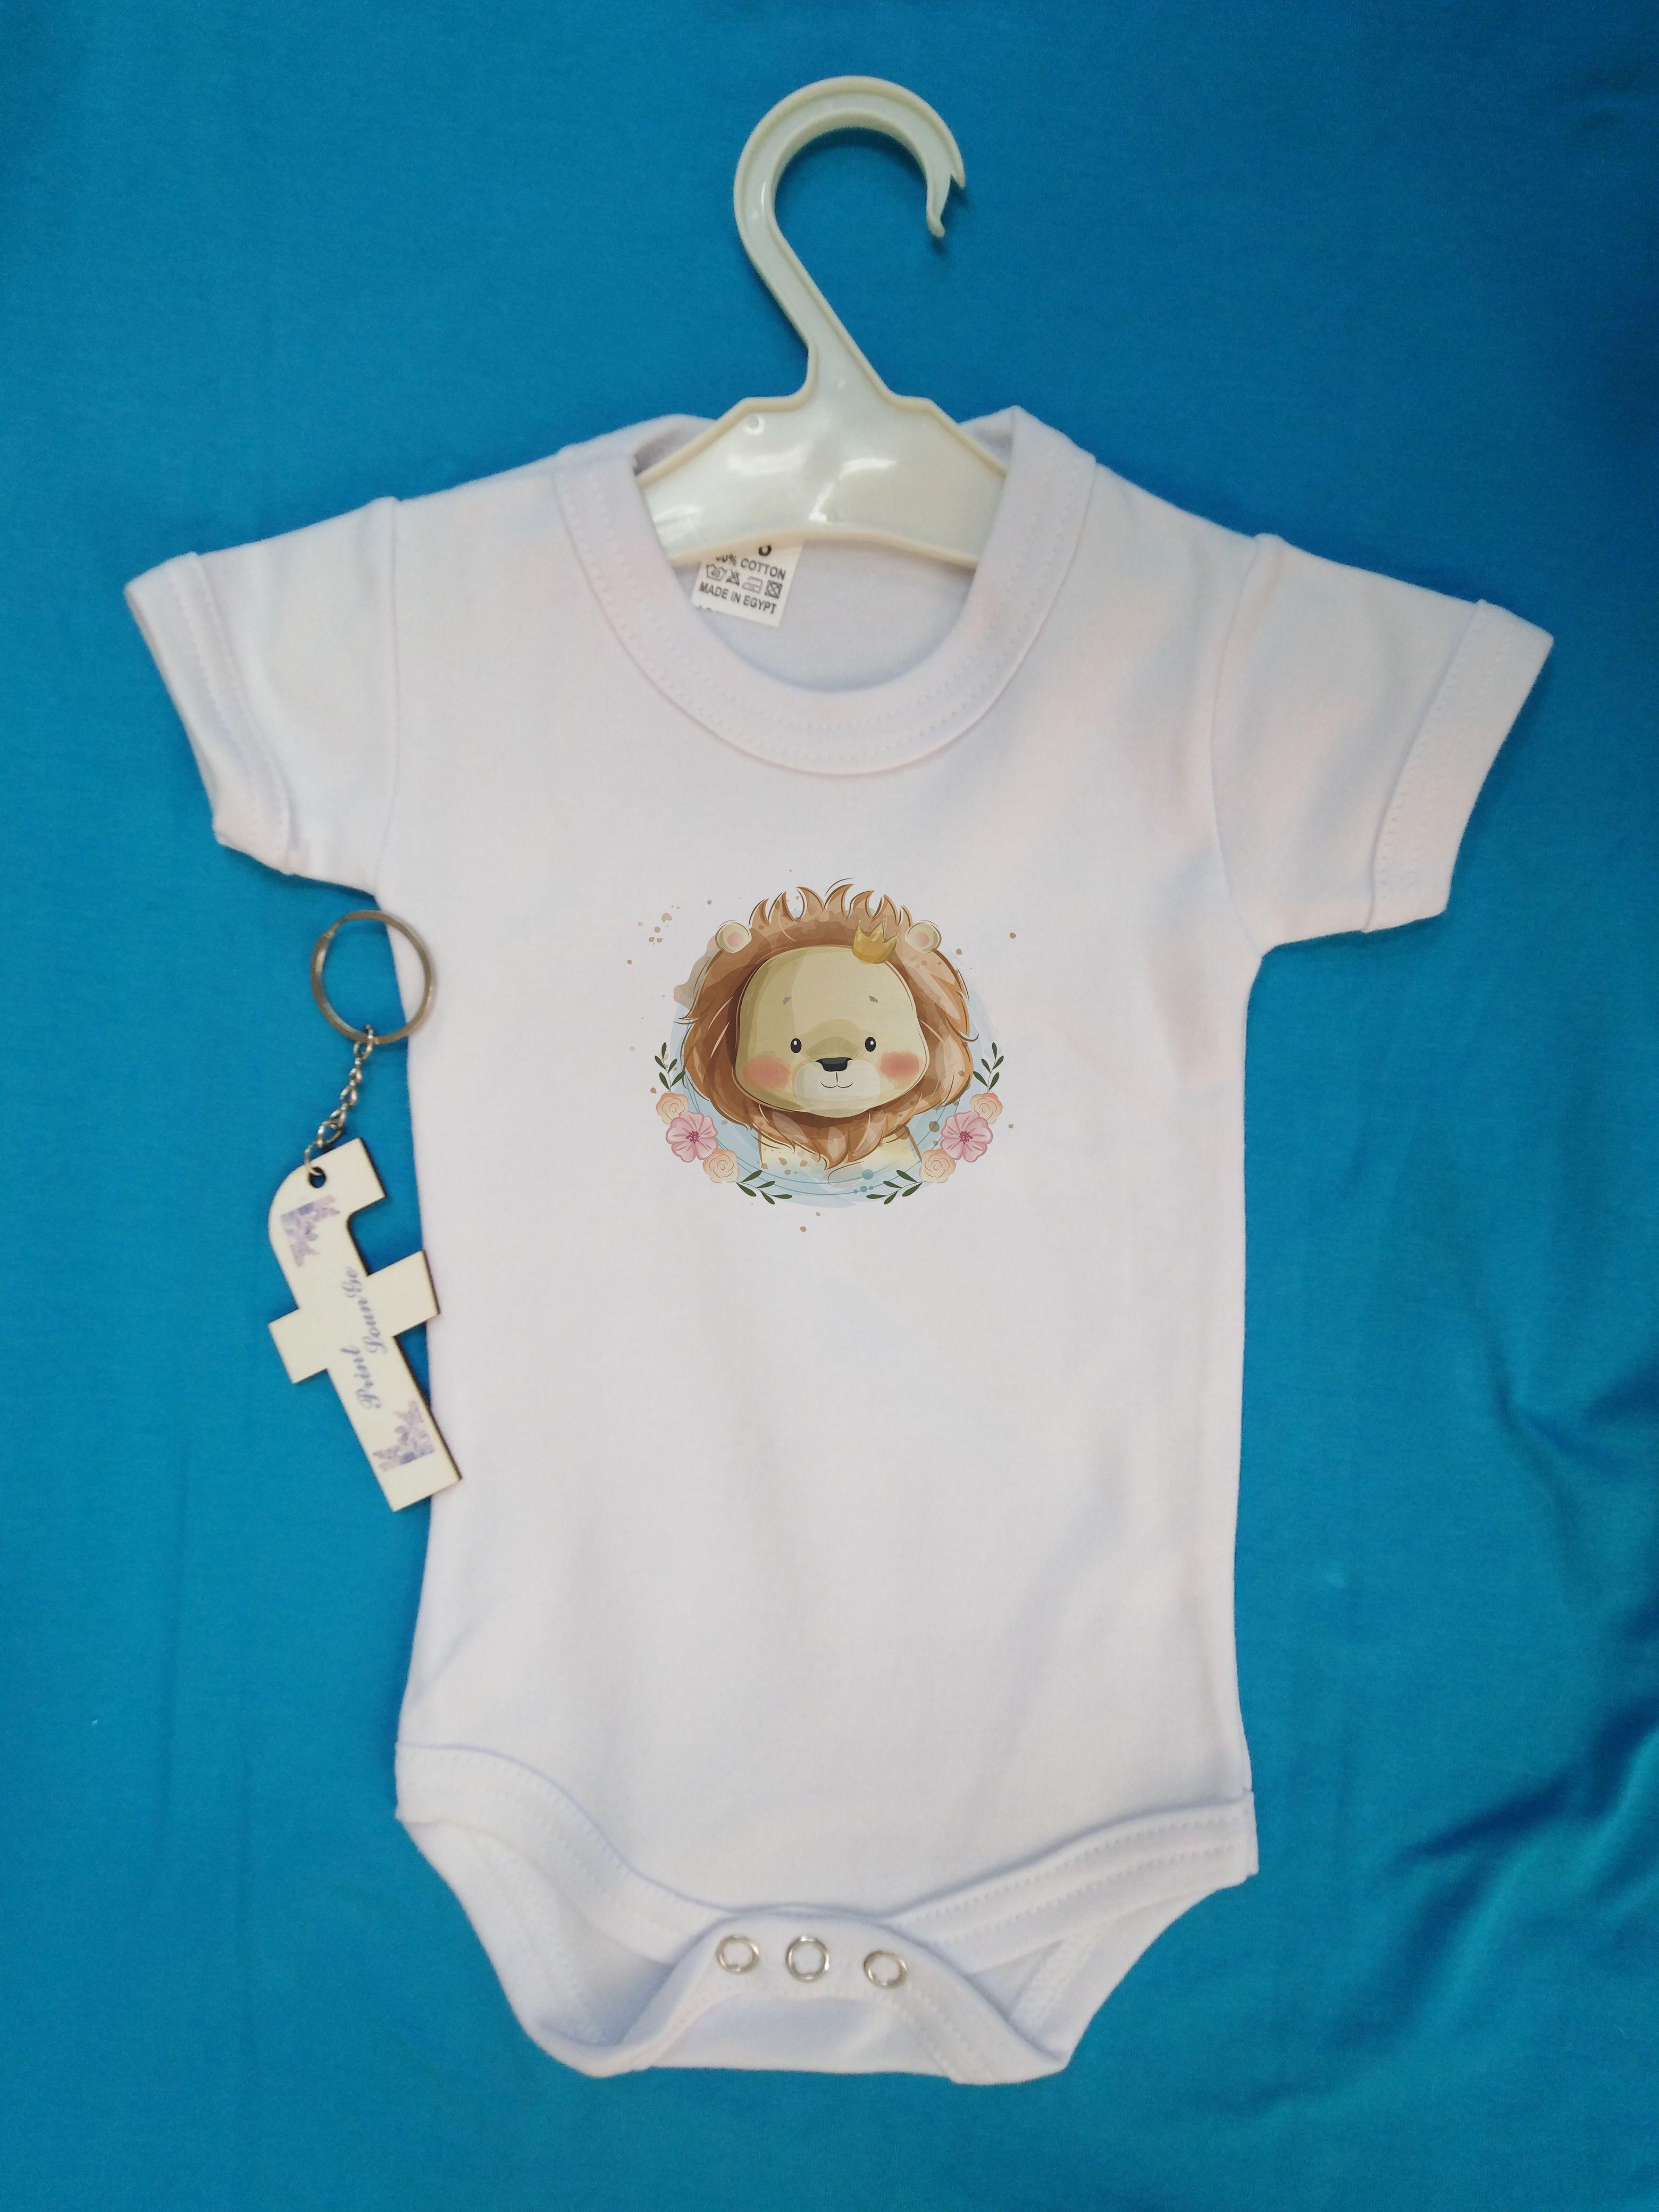 سالوبيت أبيض نص كم قطن ١٠٠ In 2020 Print Baby Onesies Clothes